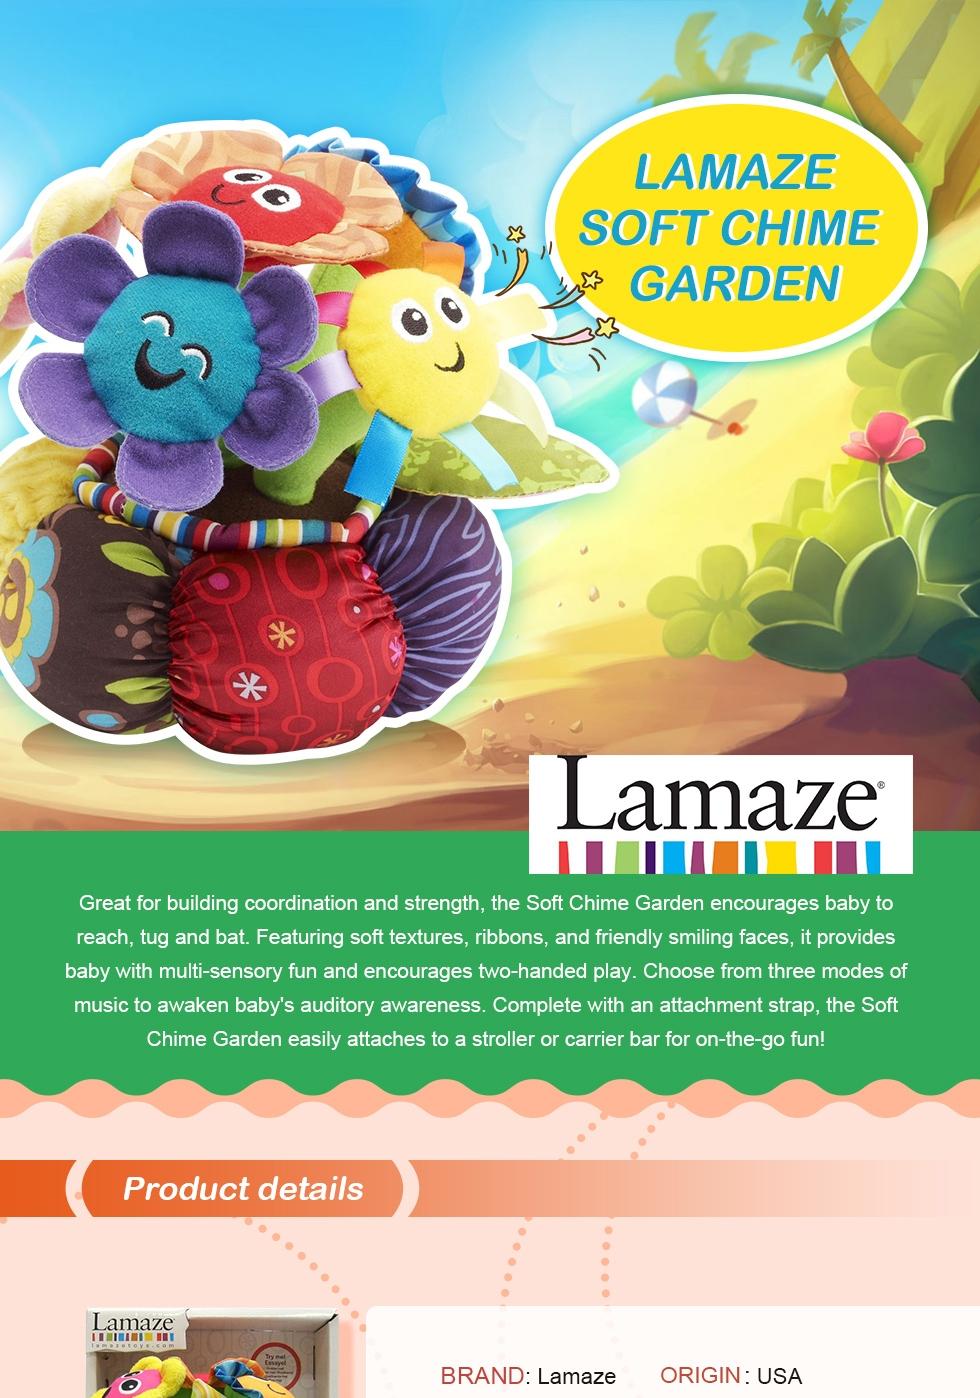 Lamaze Soft Chime Garden savefavor